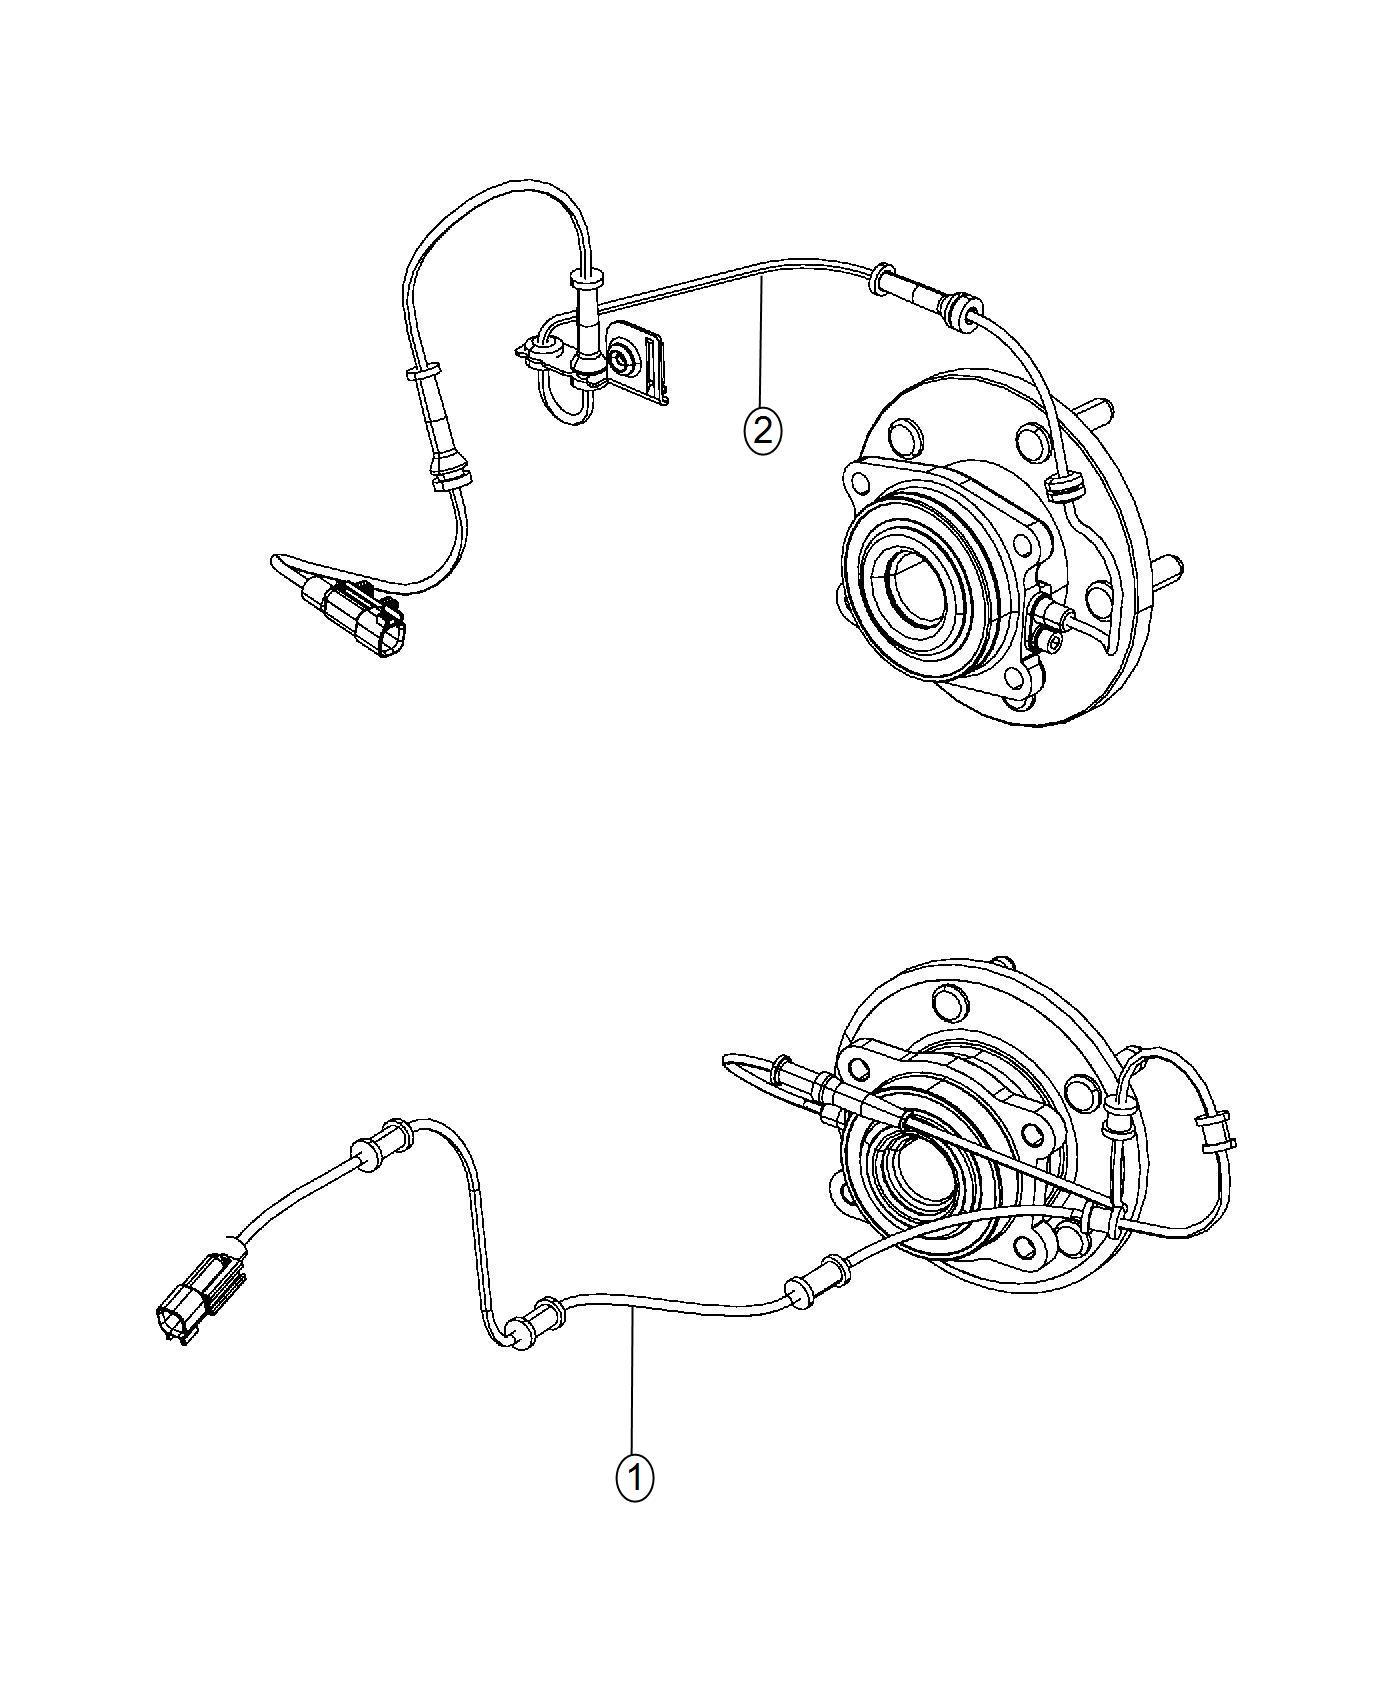 Ford Ranger Rear Brake Diagram